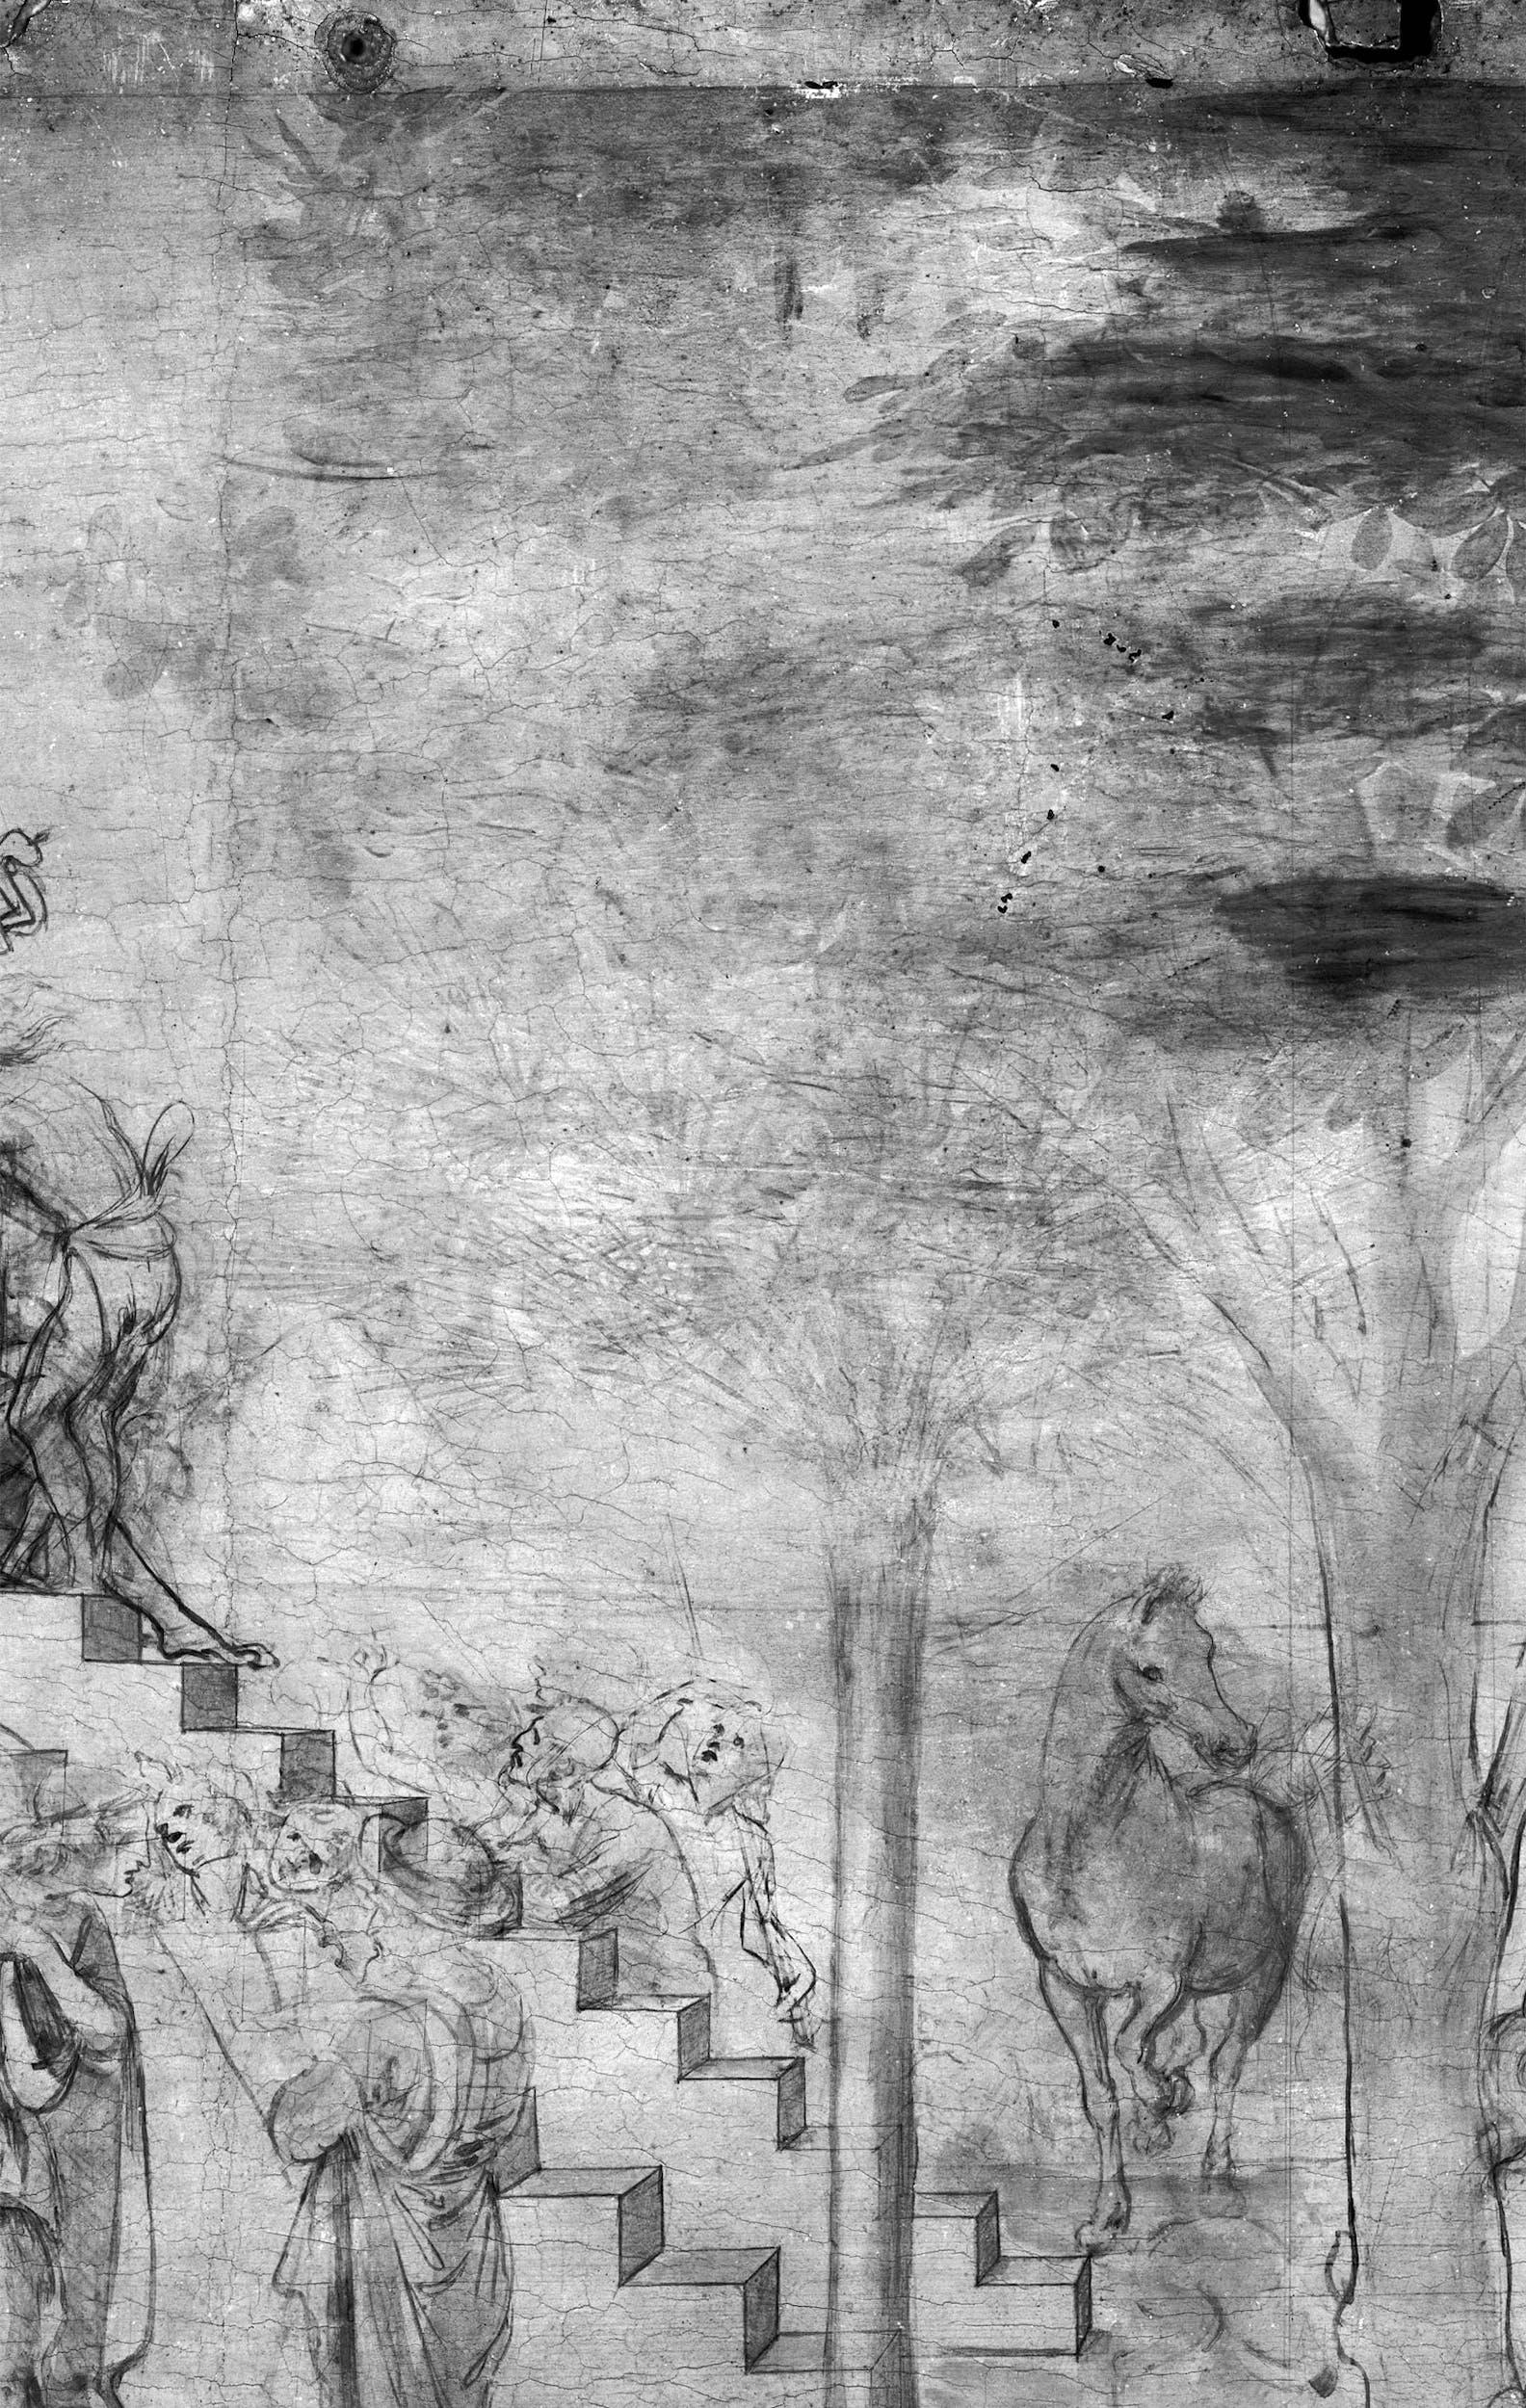 7b. Leonardo da Vinci, Adorazione dei Magi, dettaglio della riflettografia IR con le incisioni che segnano i bordi